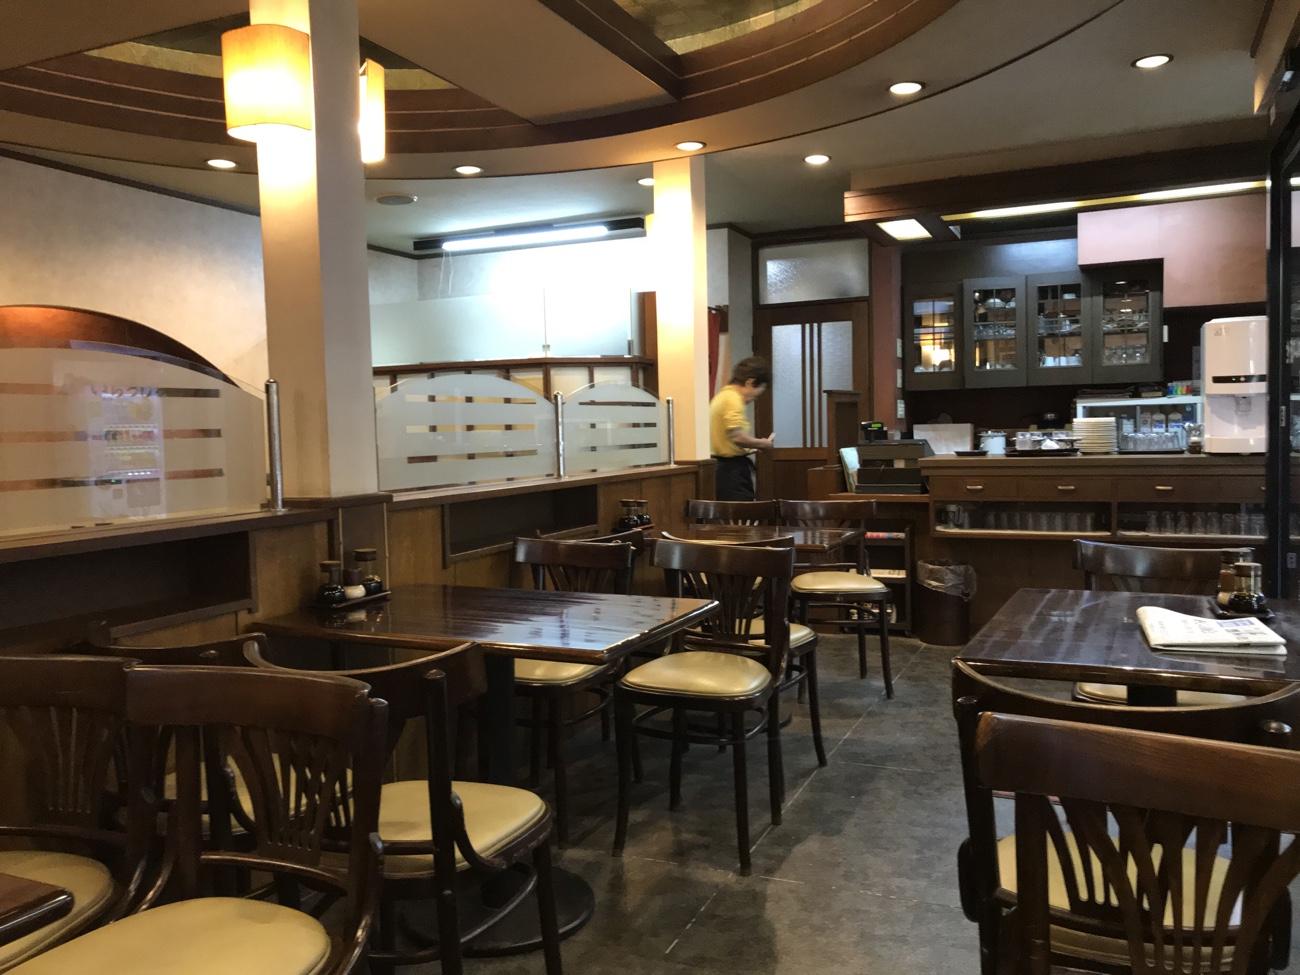 江ノ島 食事処「鶴屋」の店内